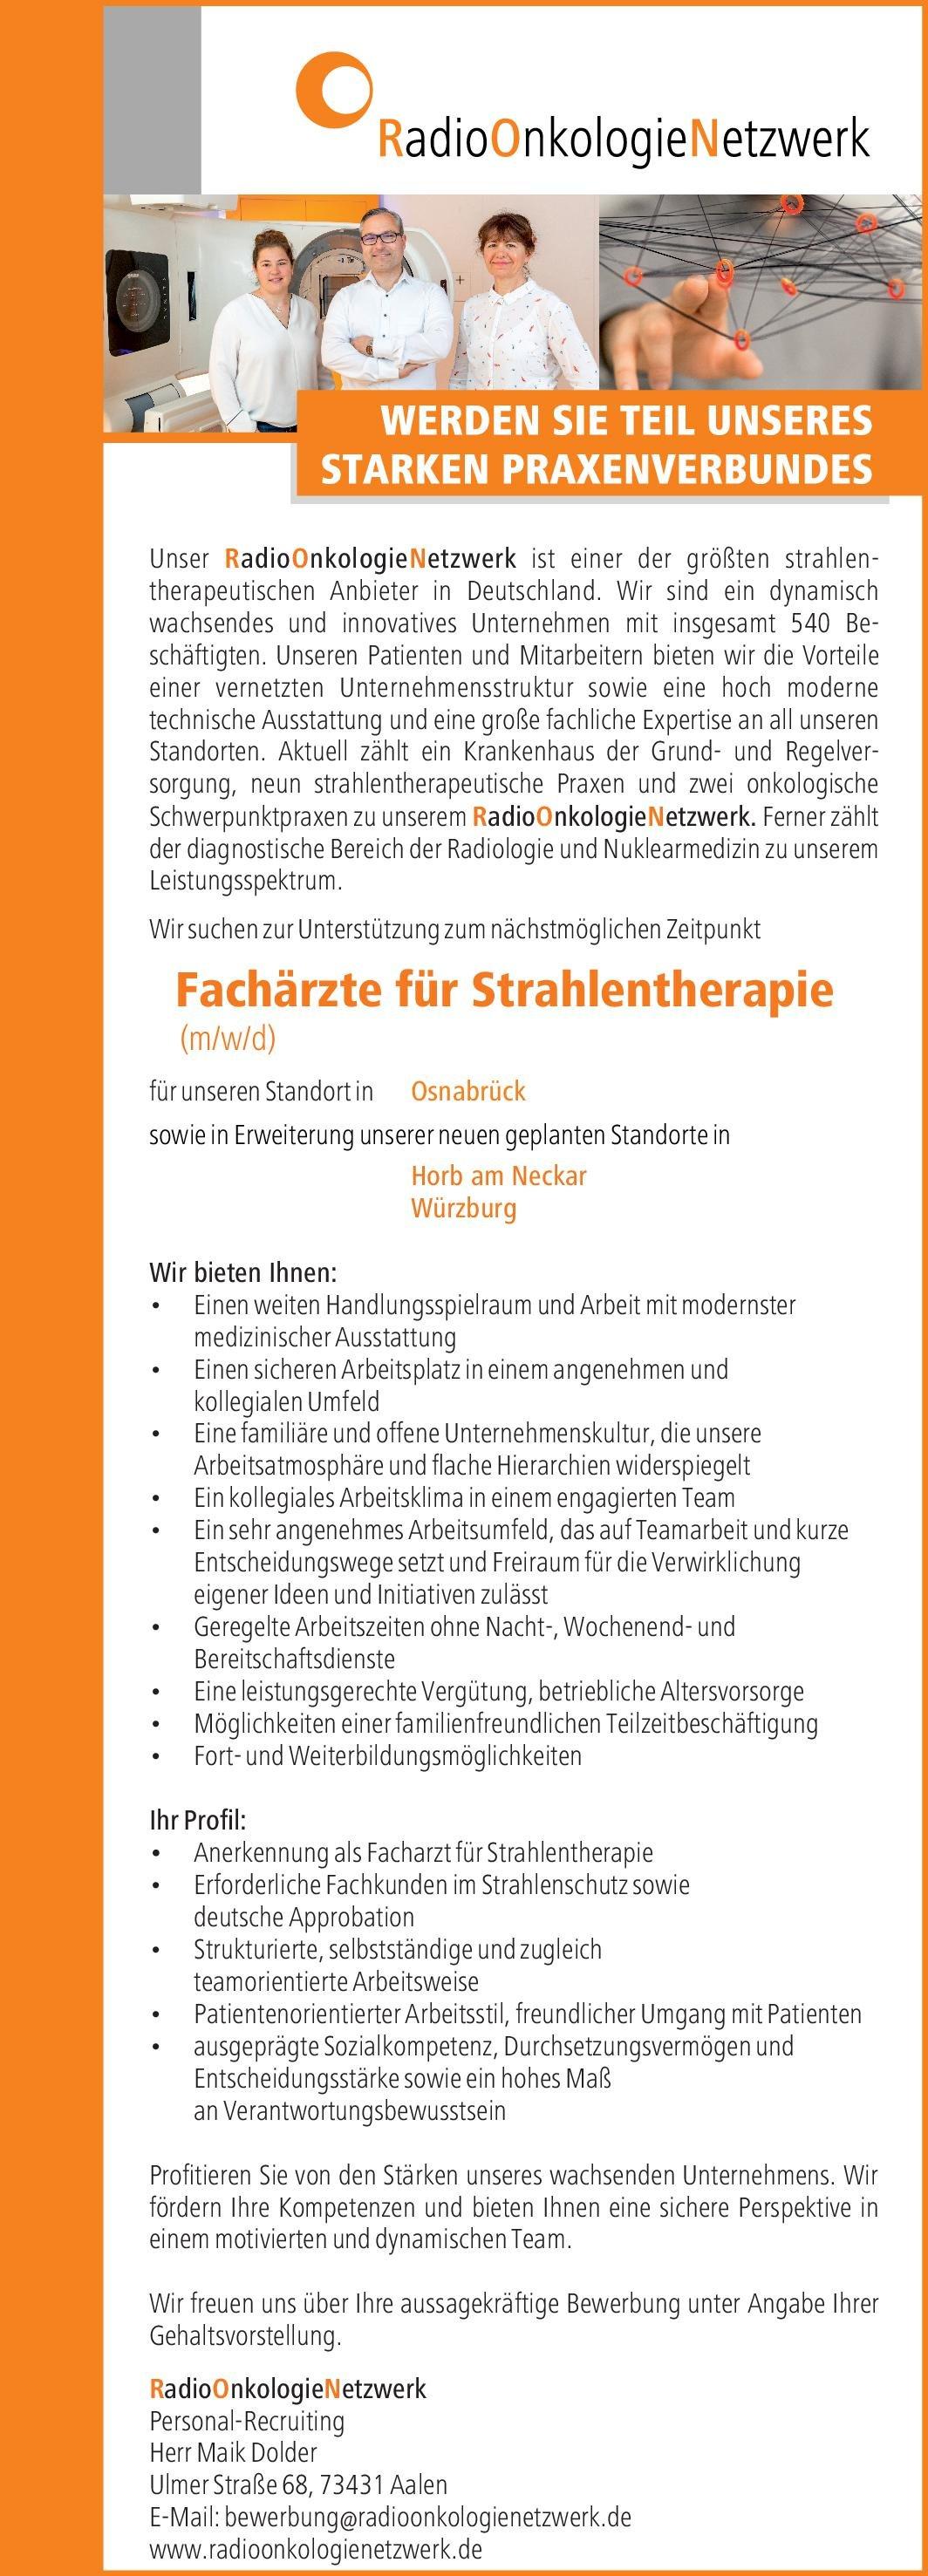 RadioOnkologieNetzwerk Fachärzte für Strahlentherapie (m/w/d) Strahlentherapie Arzt / Facharzt